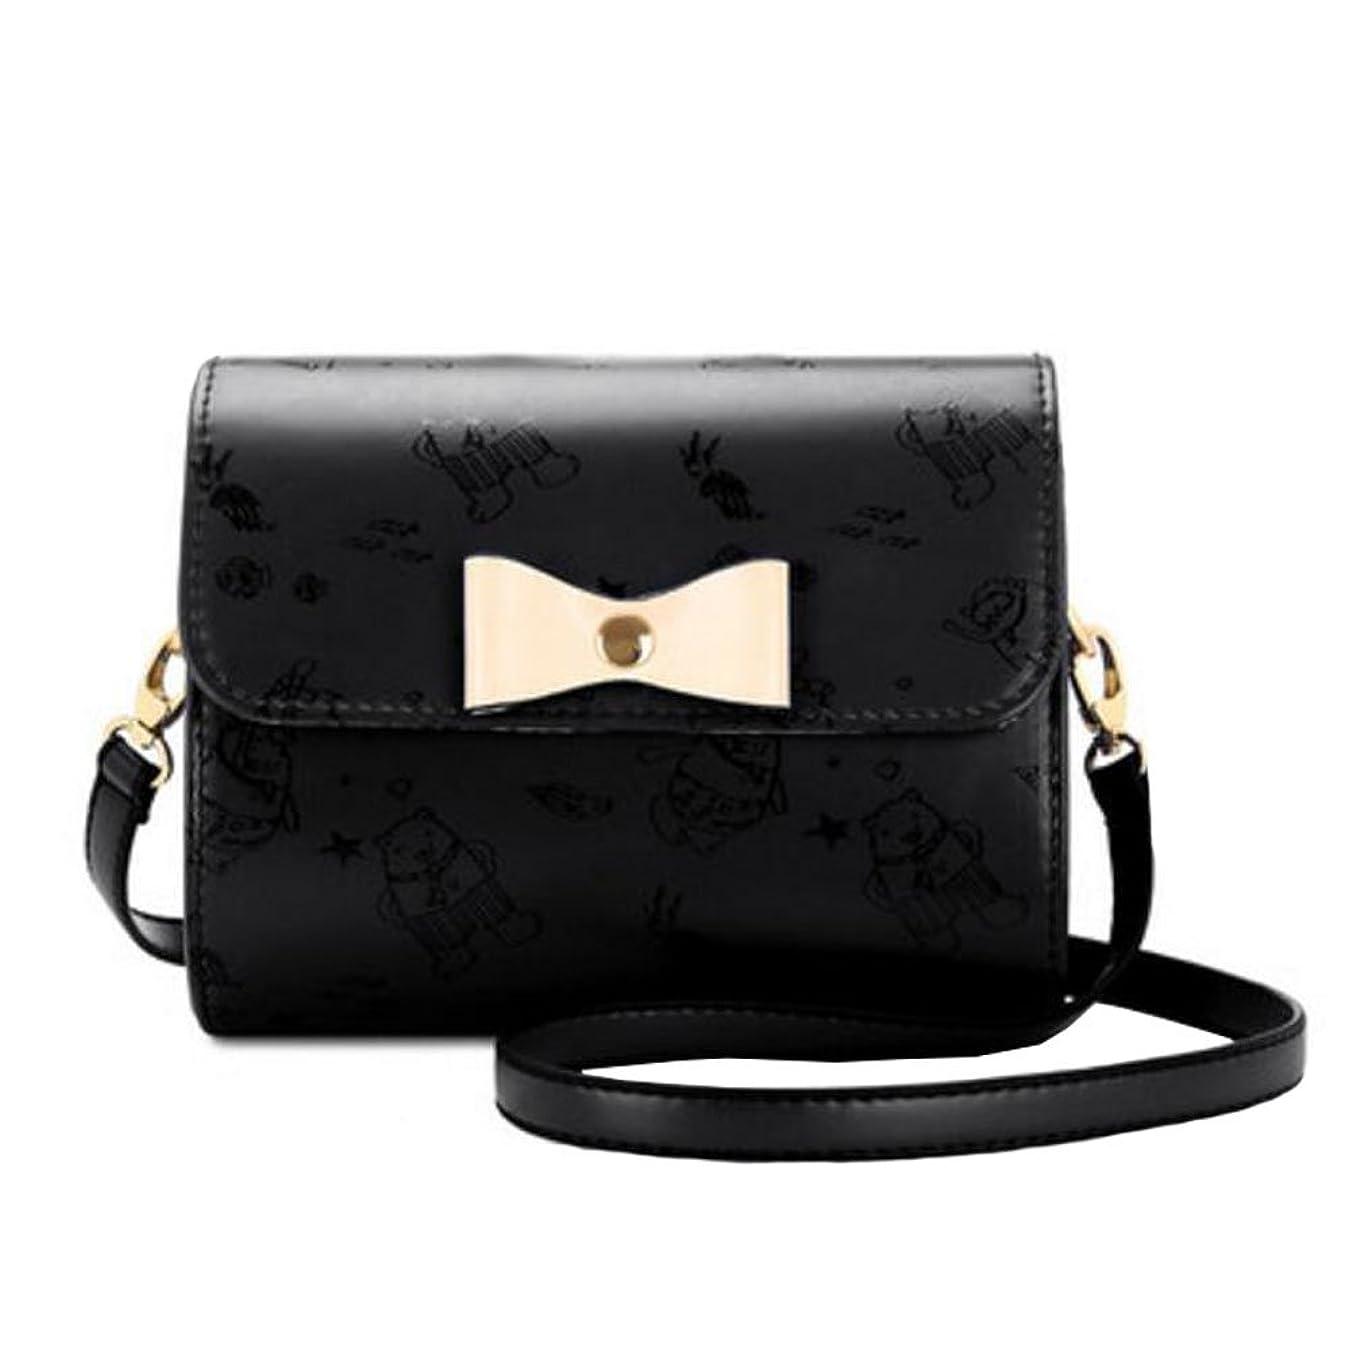 補体パス聖なる財布バッグシングルショルダーストラップバッグガールフレンド子供誕生日ギフトレジャーかわいい小さなバッグ、黒